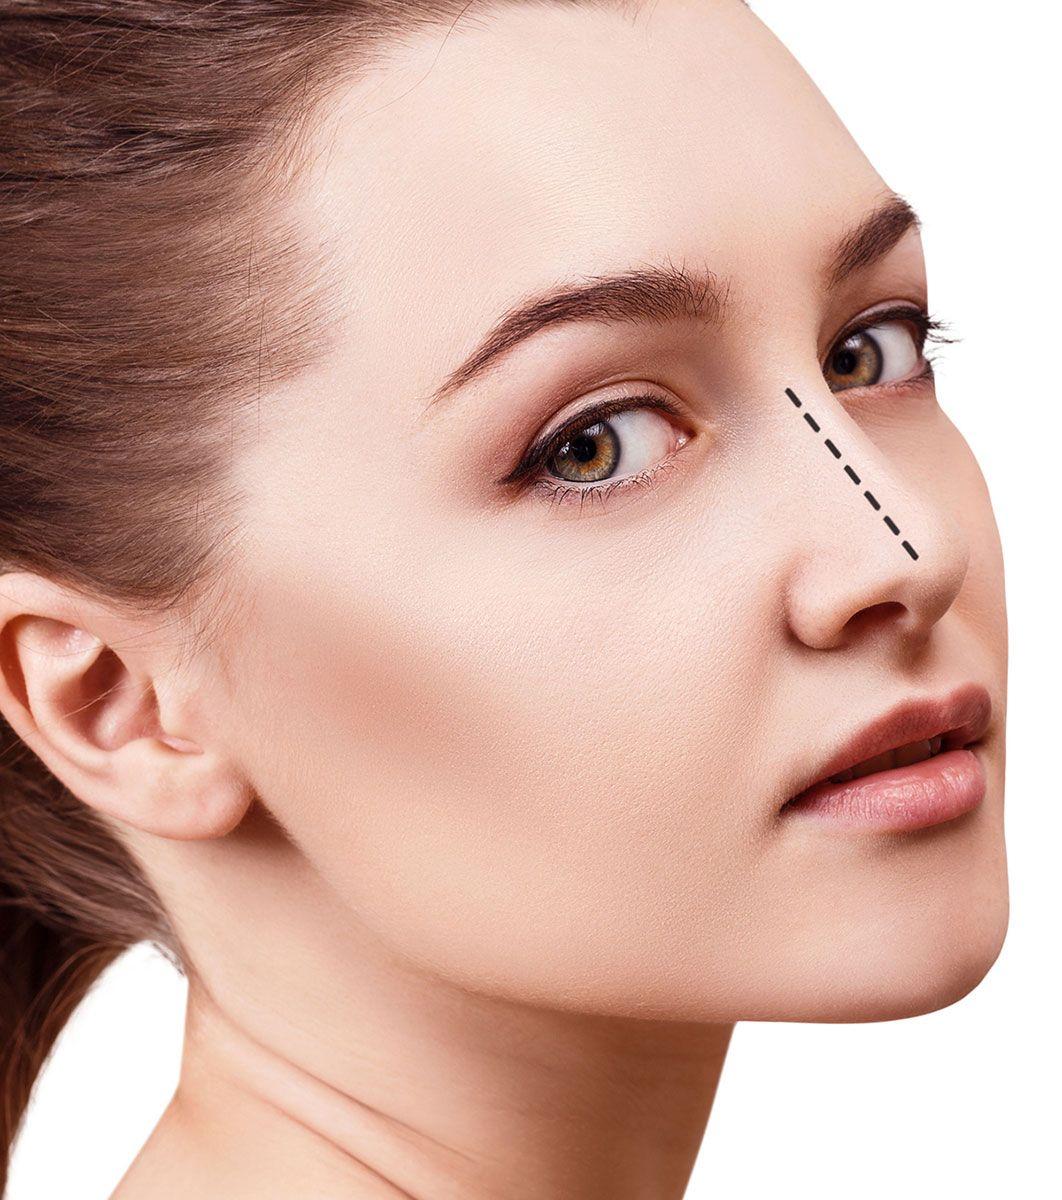 maquillaje disimular nariz